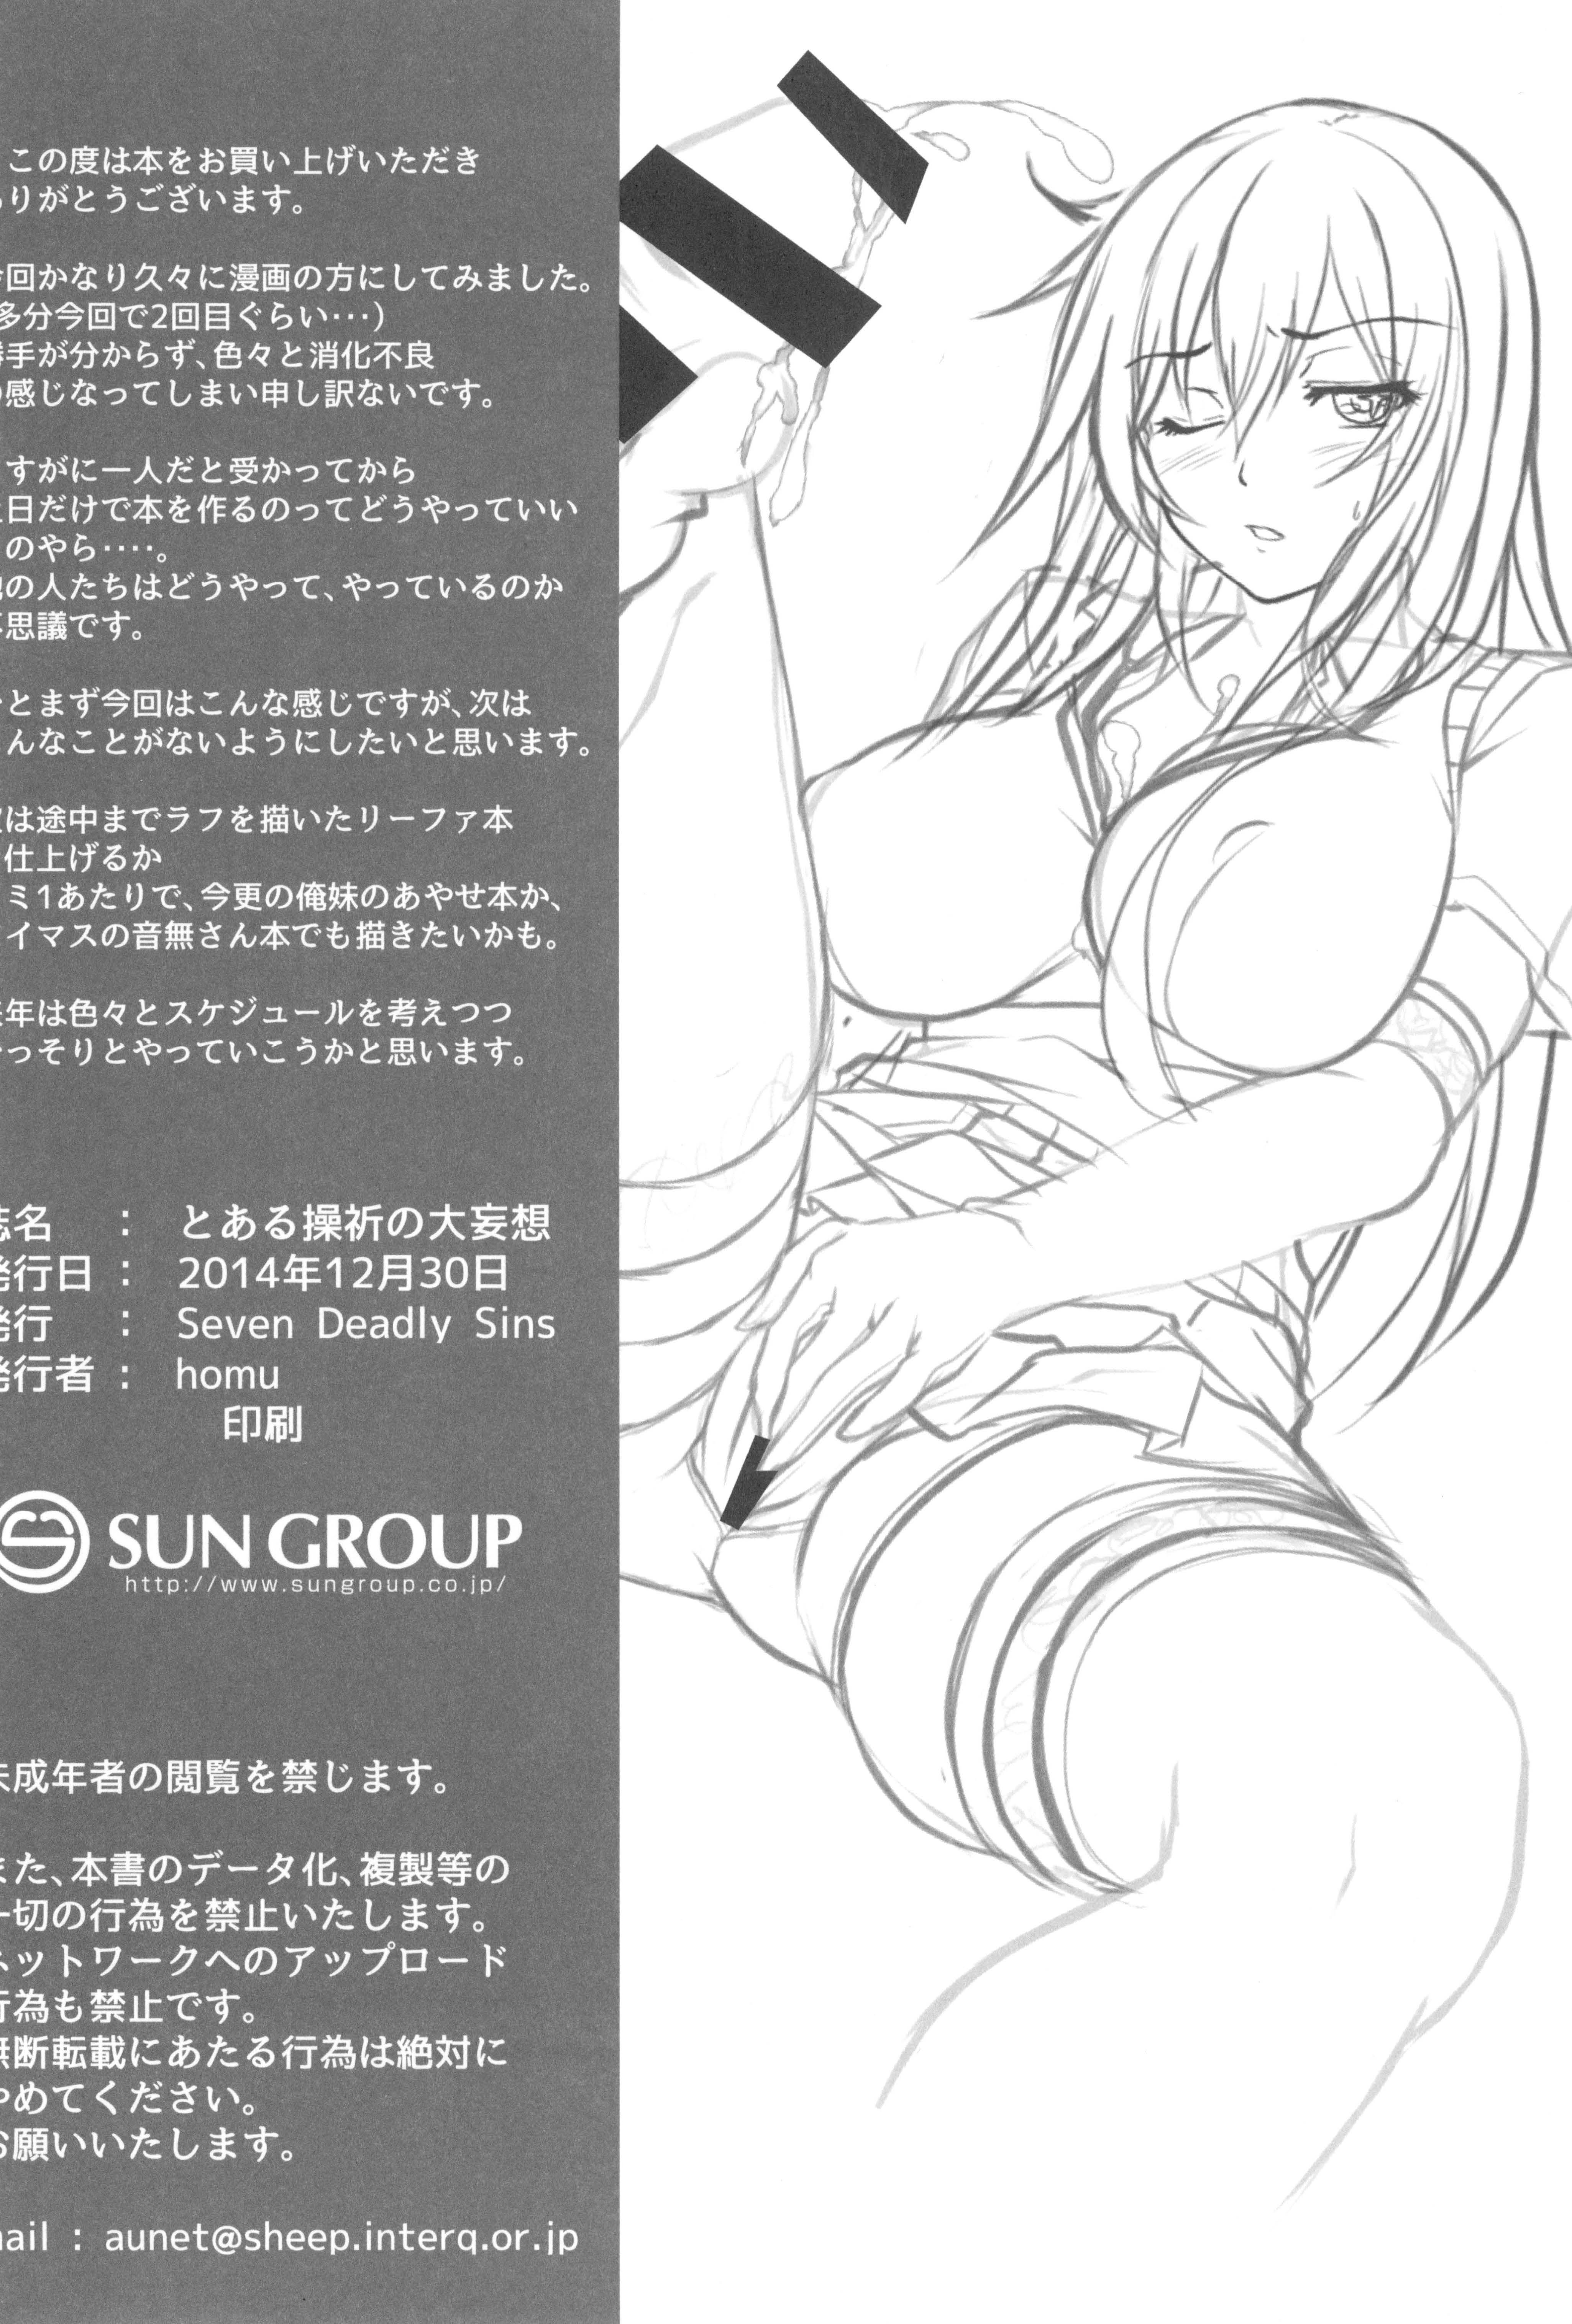 Toaru Misaki no Delusion 33